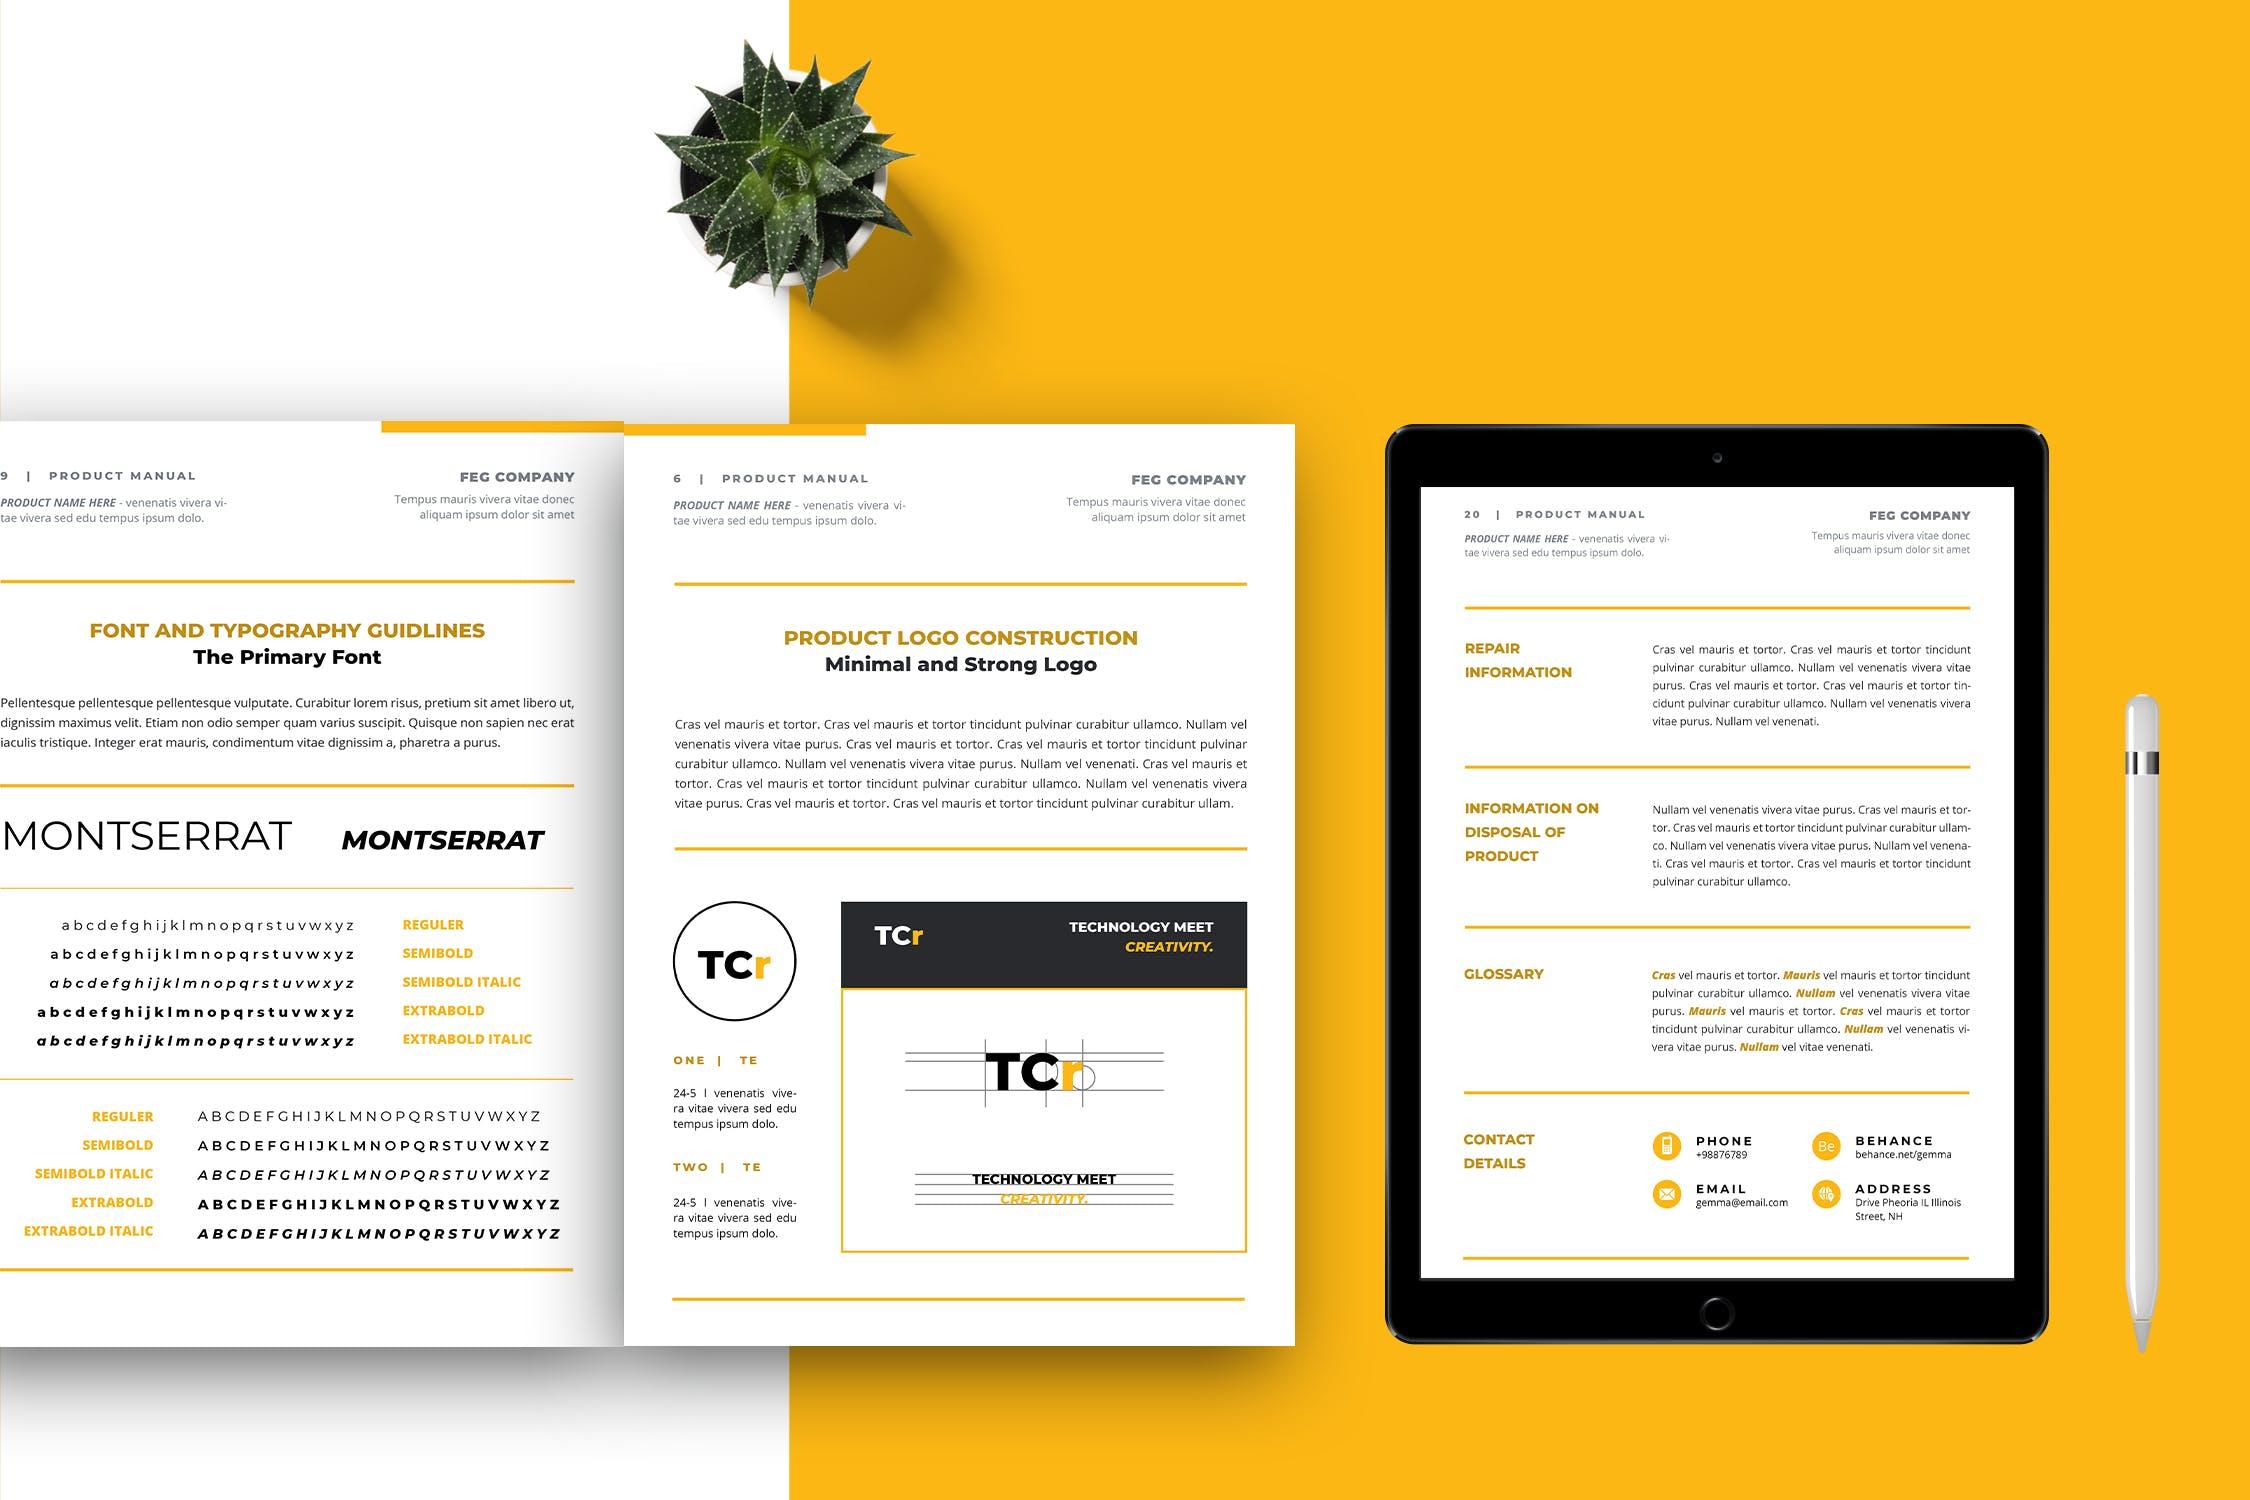 25+ Mẫu hướng dẫn thương hiệu đẹp (Brand guideline template) năm 2021 -  Vareno